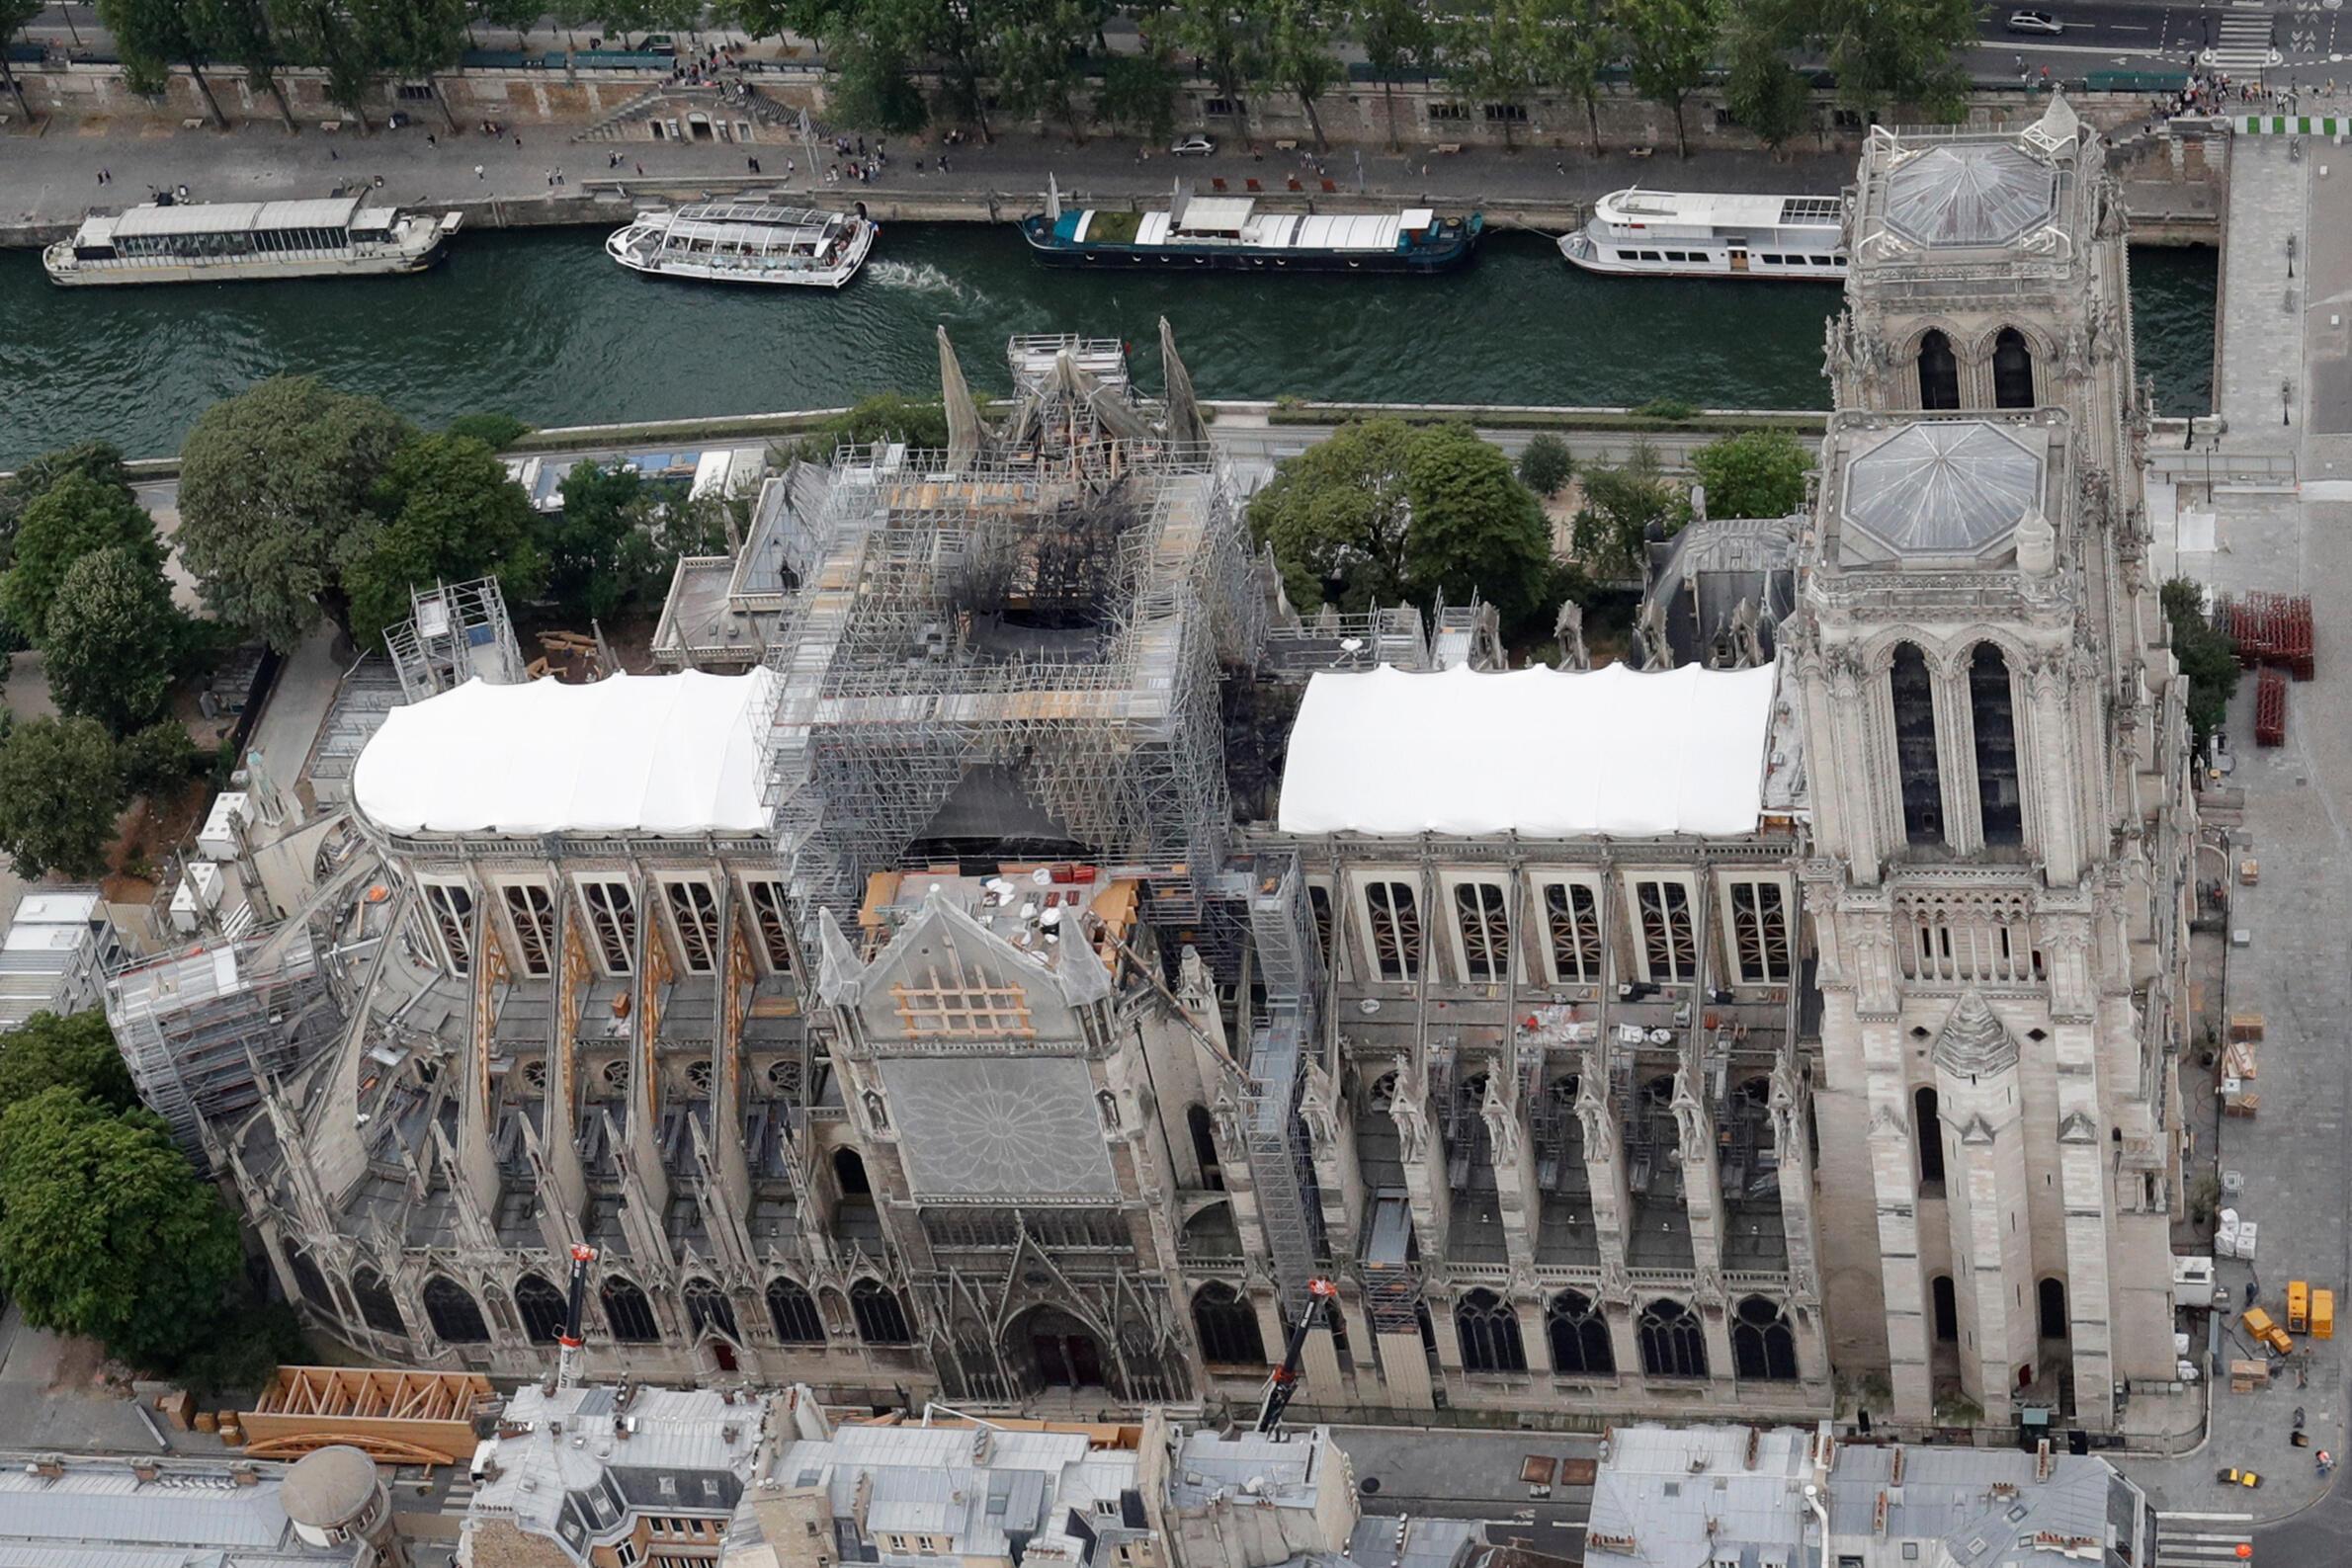 Vista de la Catedral de Notre Dame tras el incendio que destruyó el techo y la flecha.